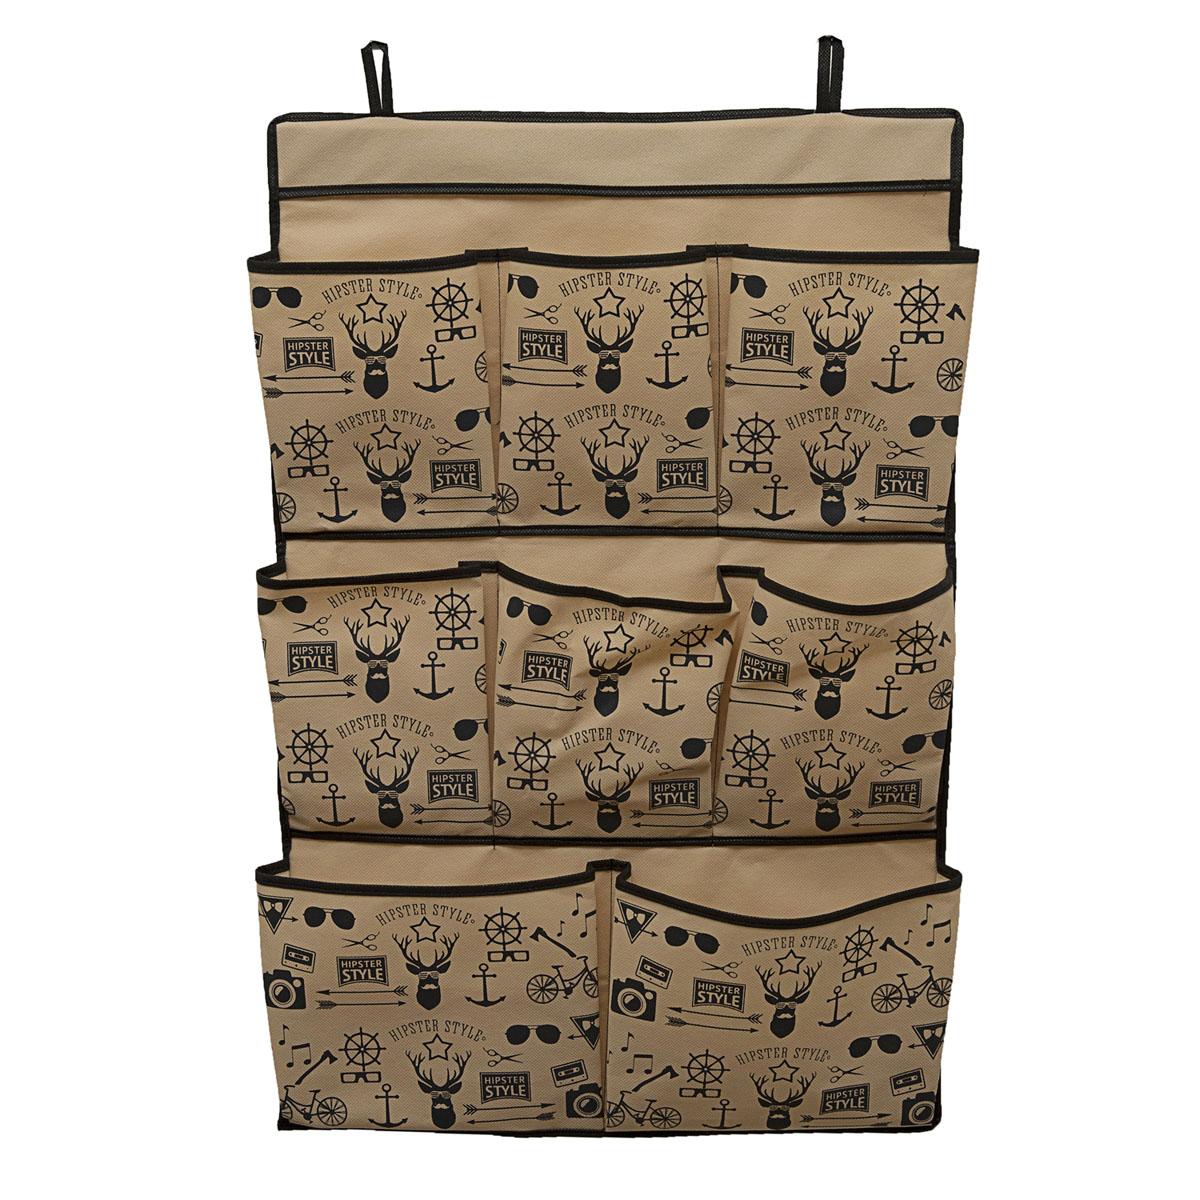 Органайзер для хранения вещей Homsu Hipster Style, подвесной, 75 х 50 х 5 см органайзер для хранения вещей homsu ocean 22 секции 30 х 30 х 11 см